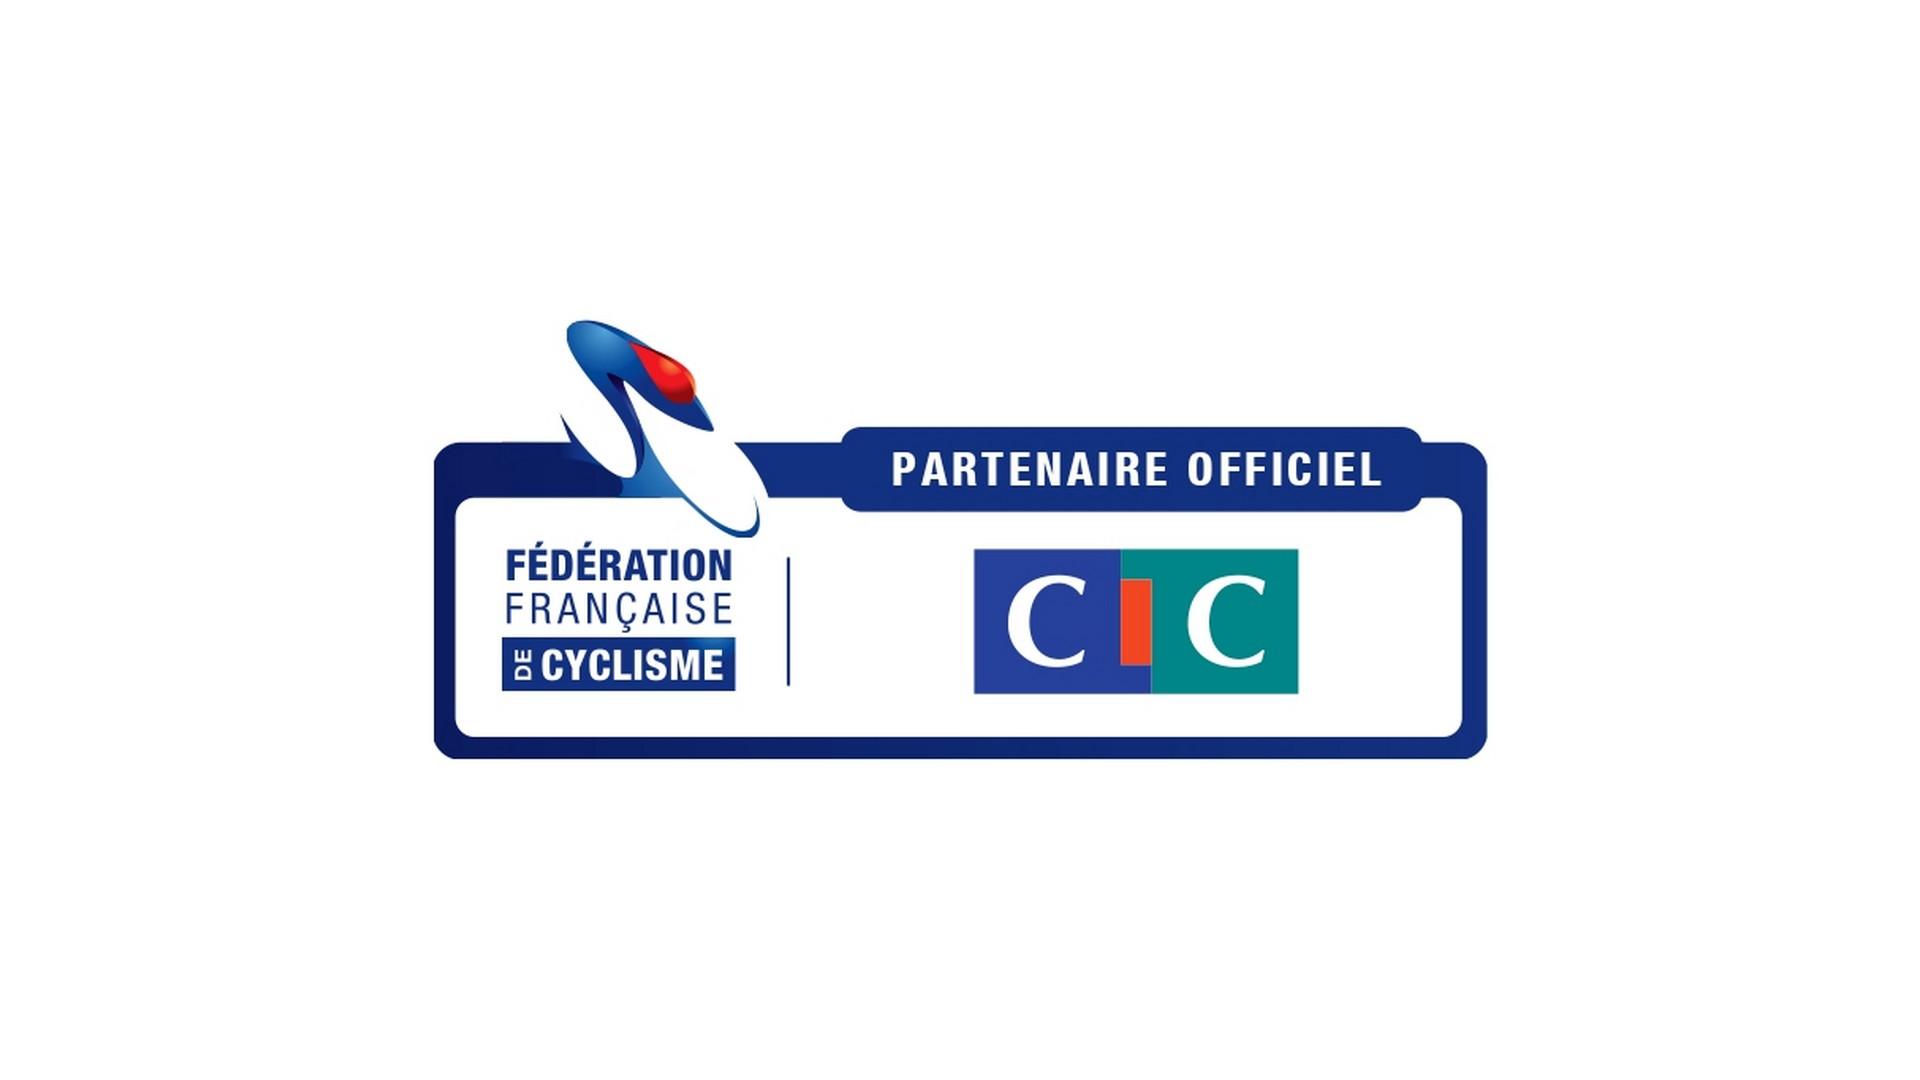 CIC x FFC (cyclisme) 2021